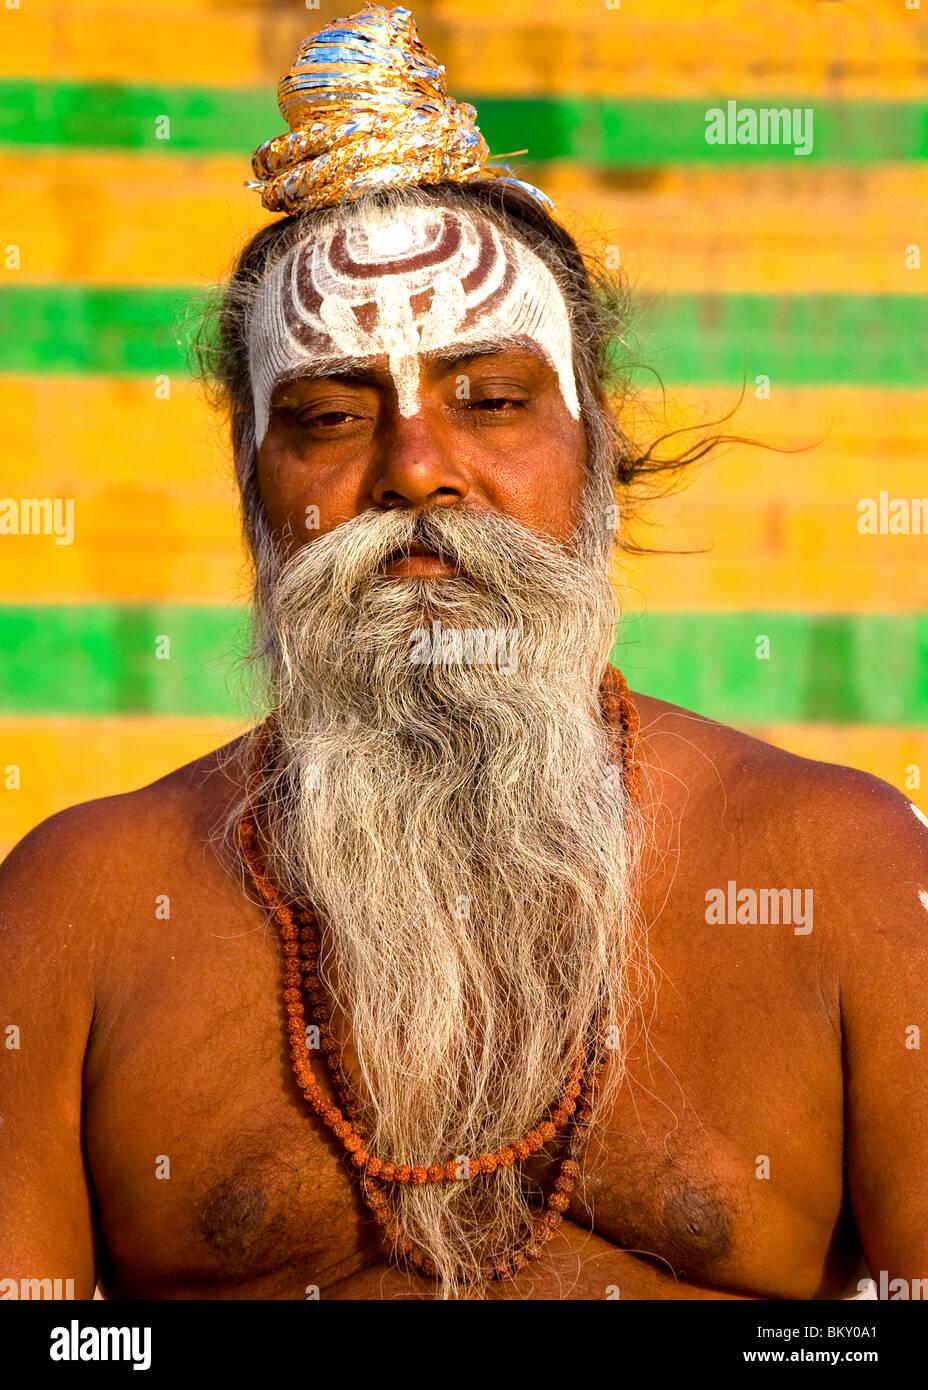 Holy Man, Varanasi, India - Stock Image